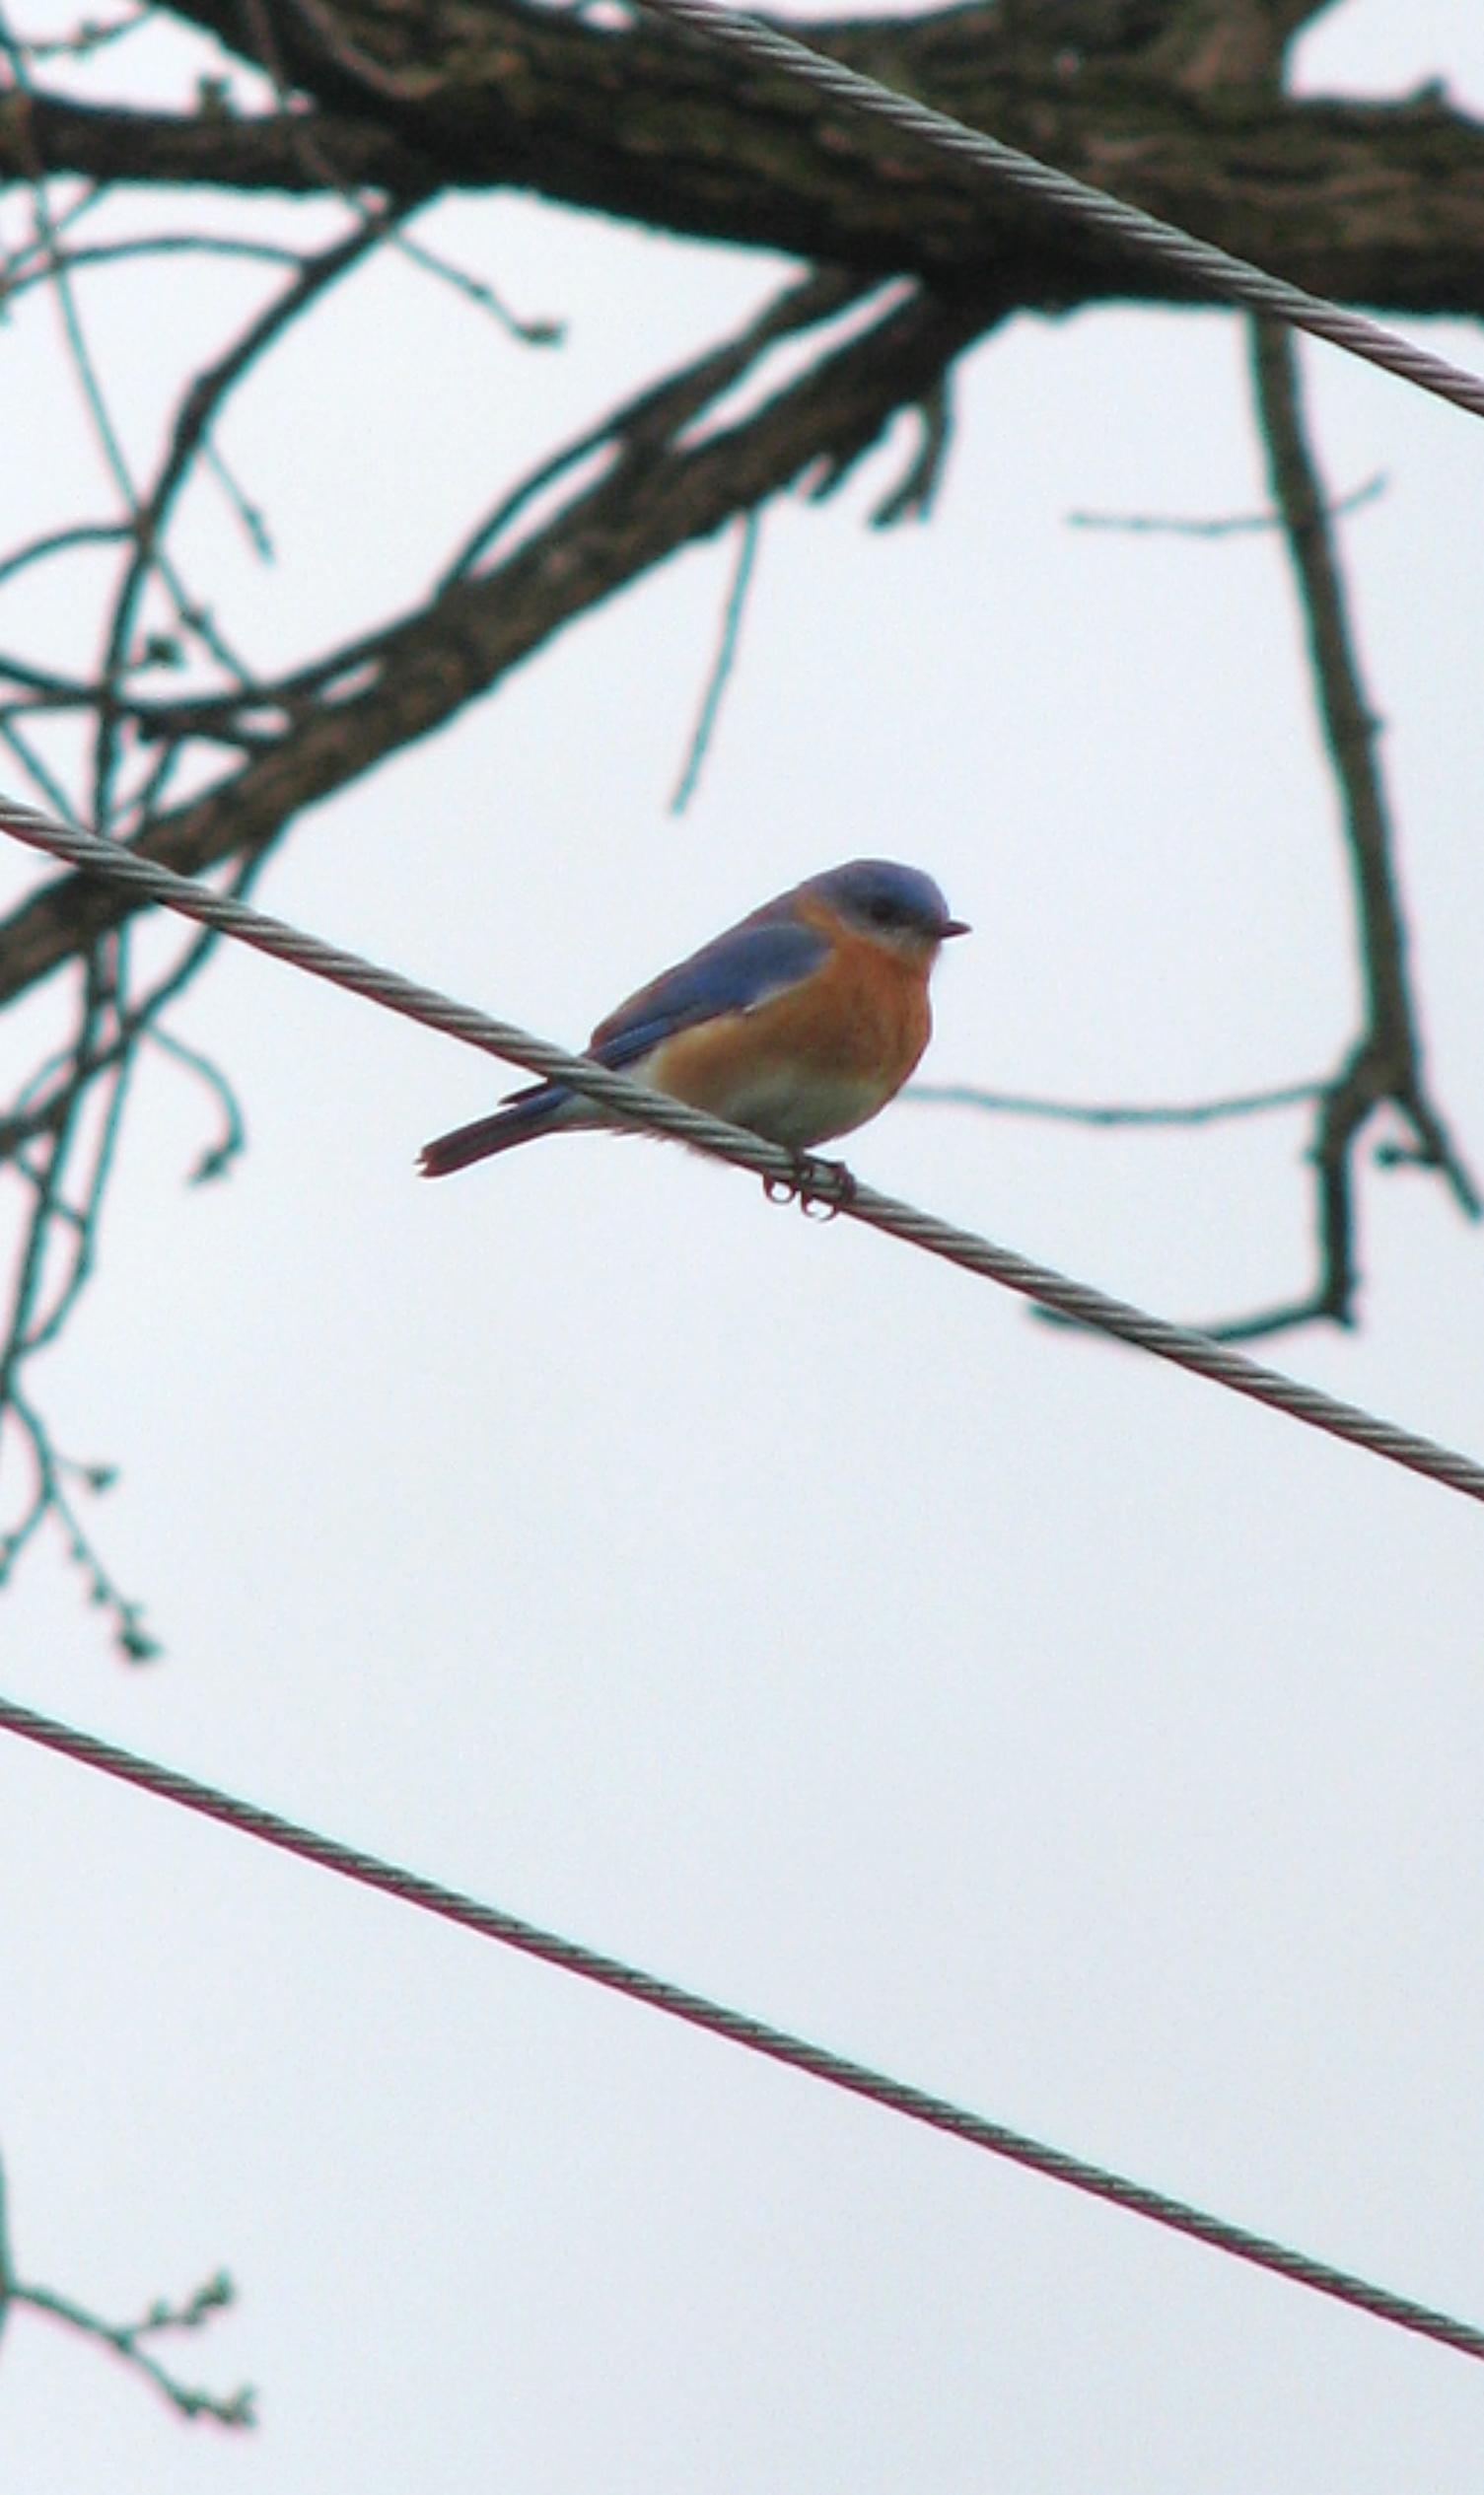 Bluebird on wire